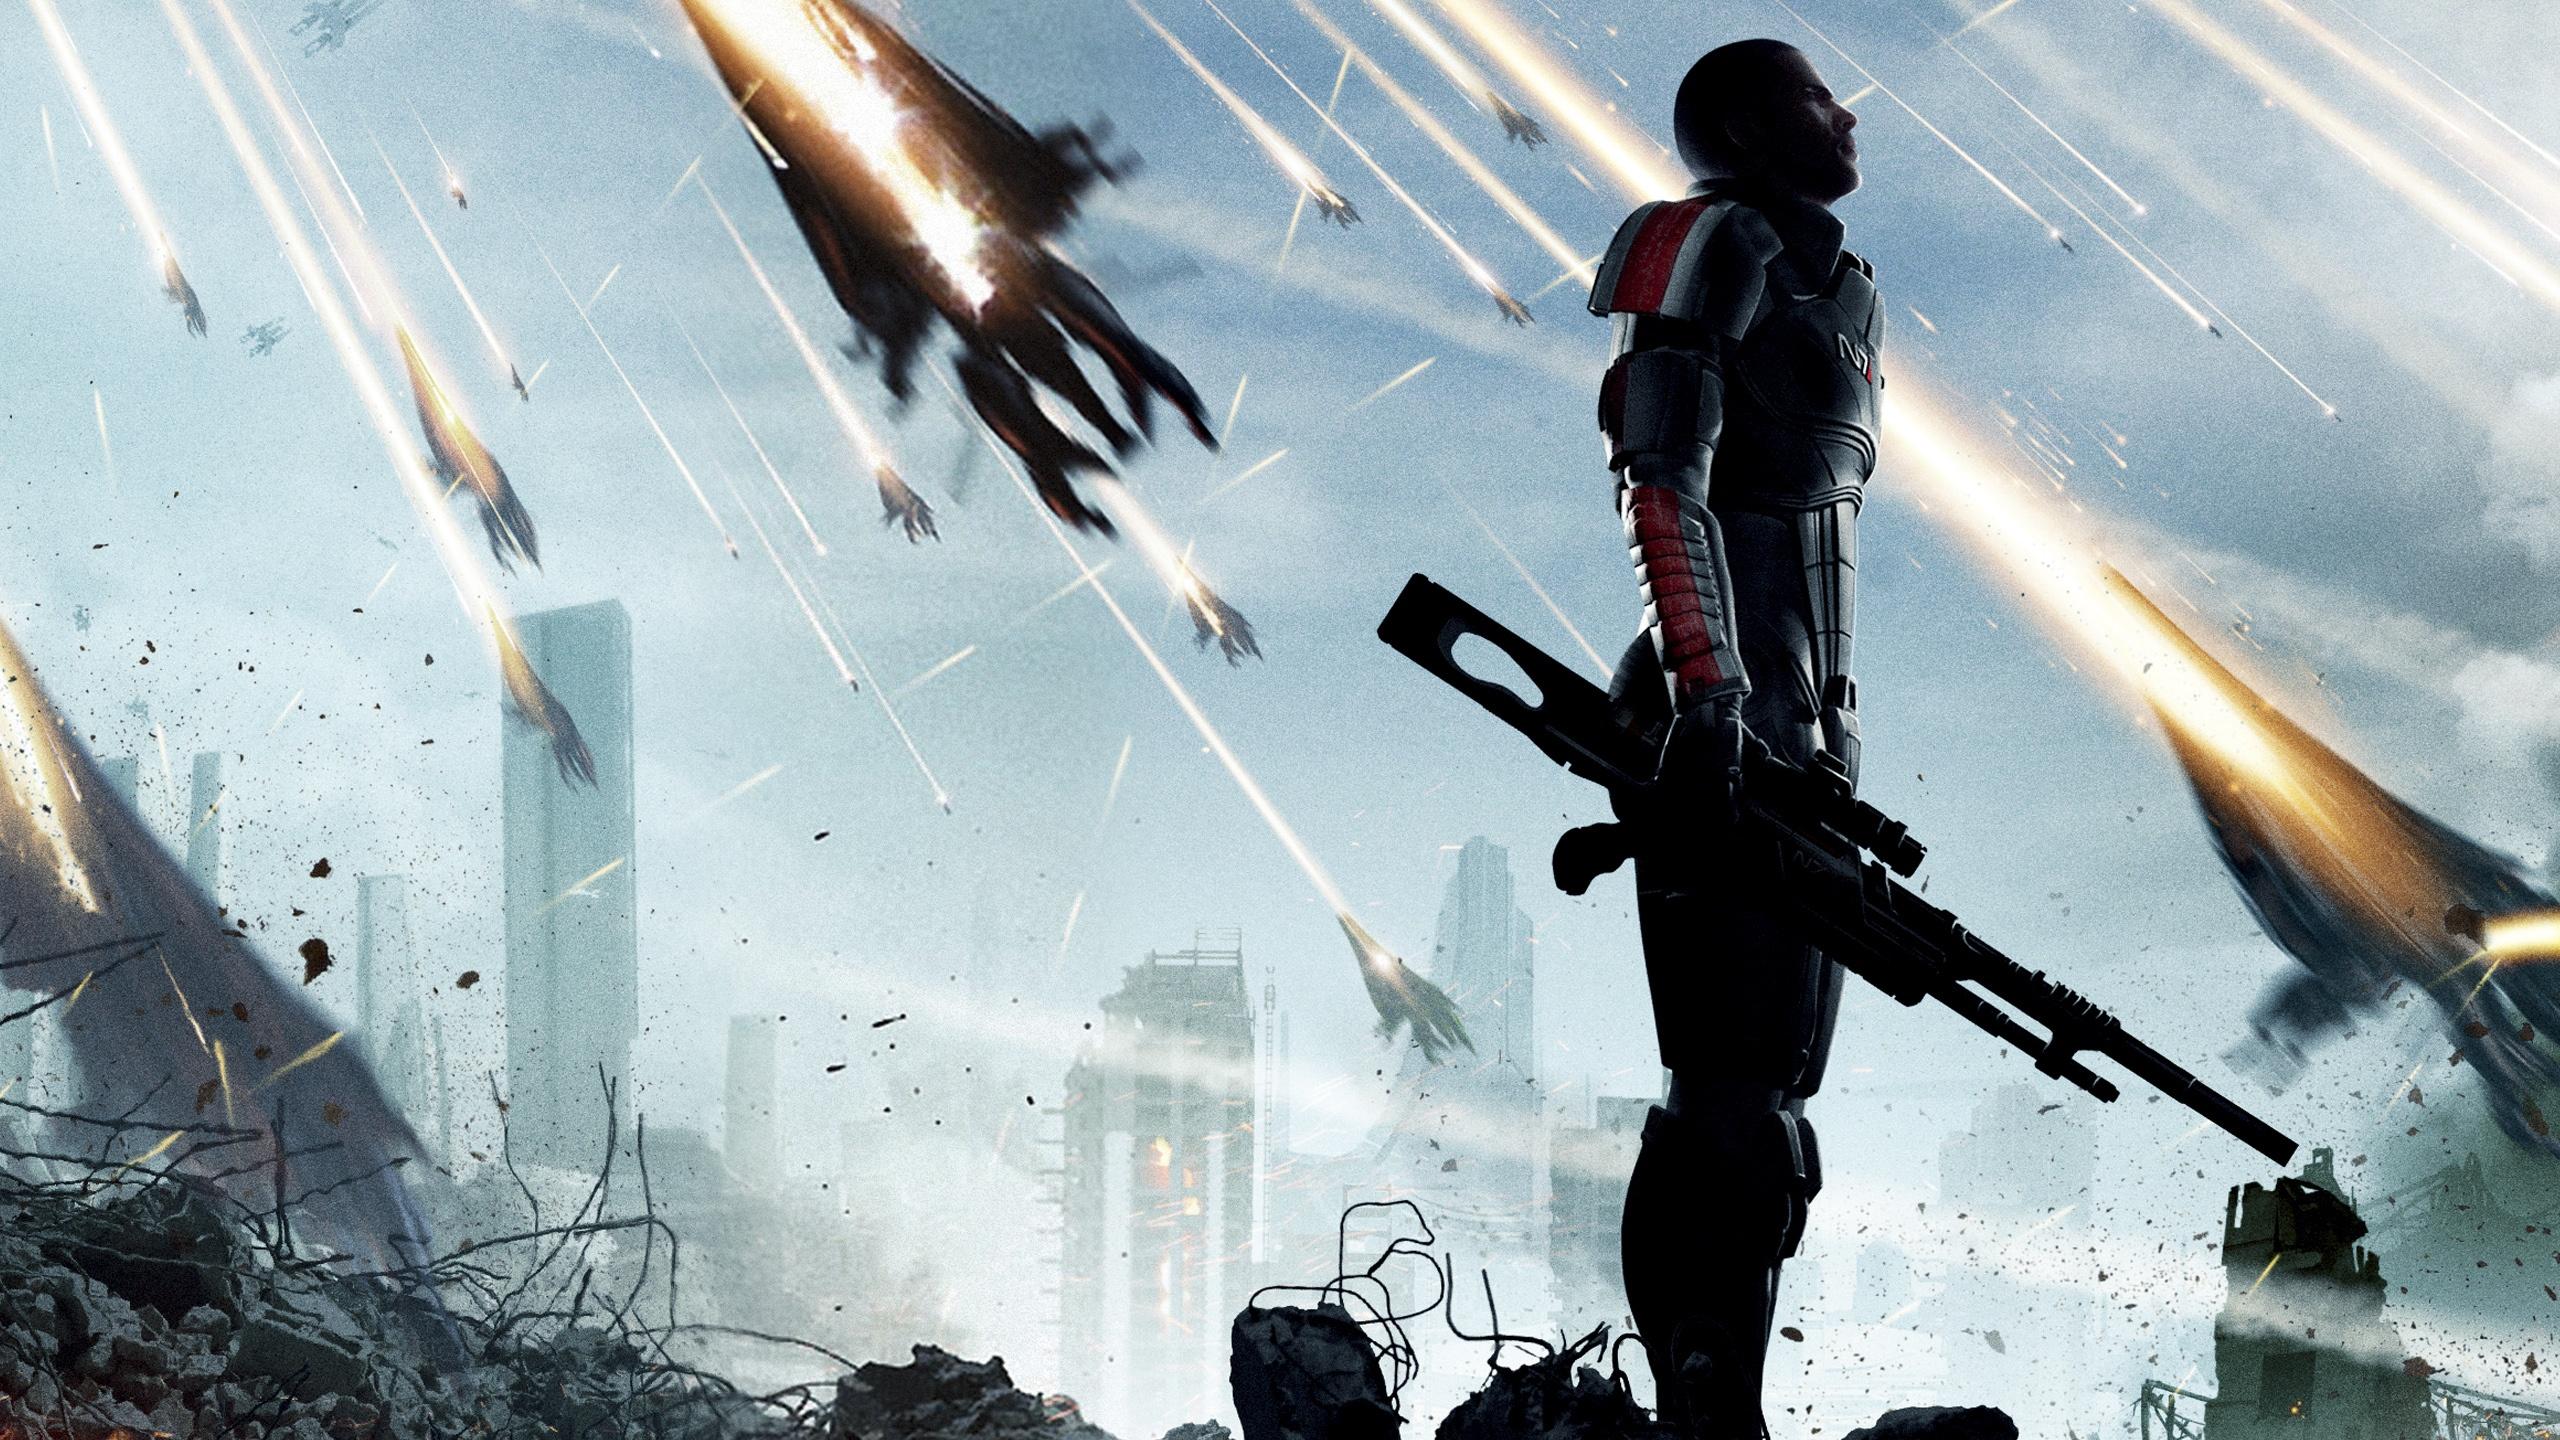 Download Wallpaper 2560x1440 Mass Effect 3 Game 2012 QHD